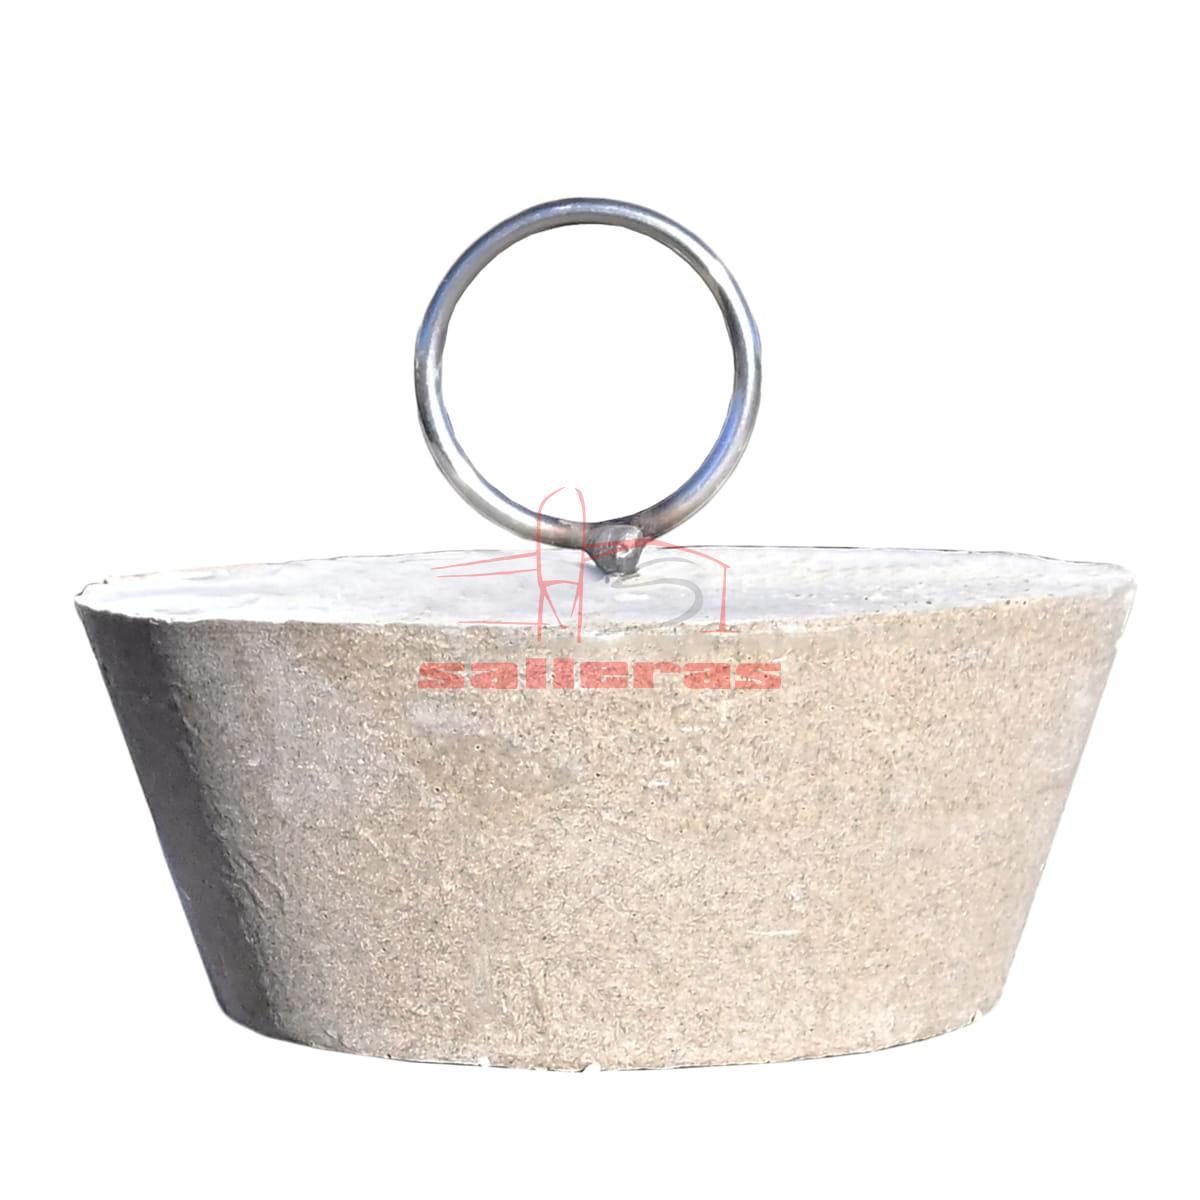 Tapon de desague de polimero circular con asa circular